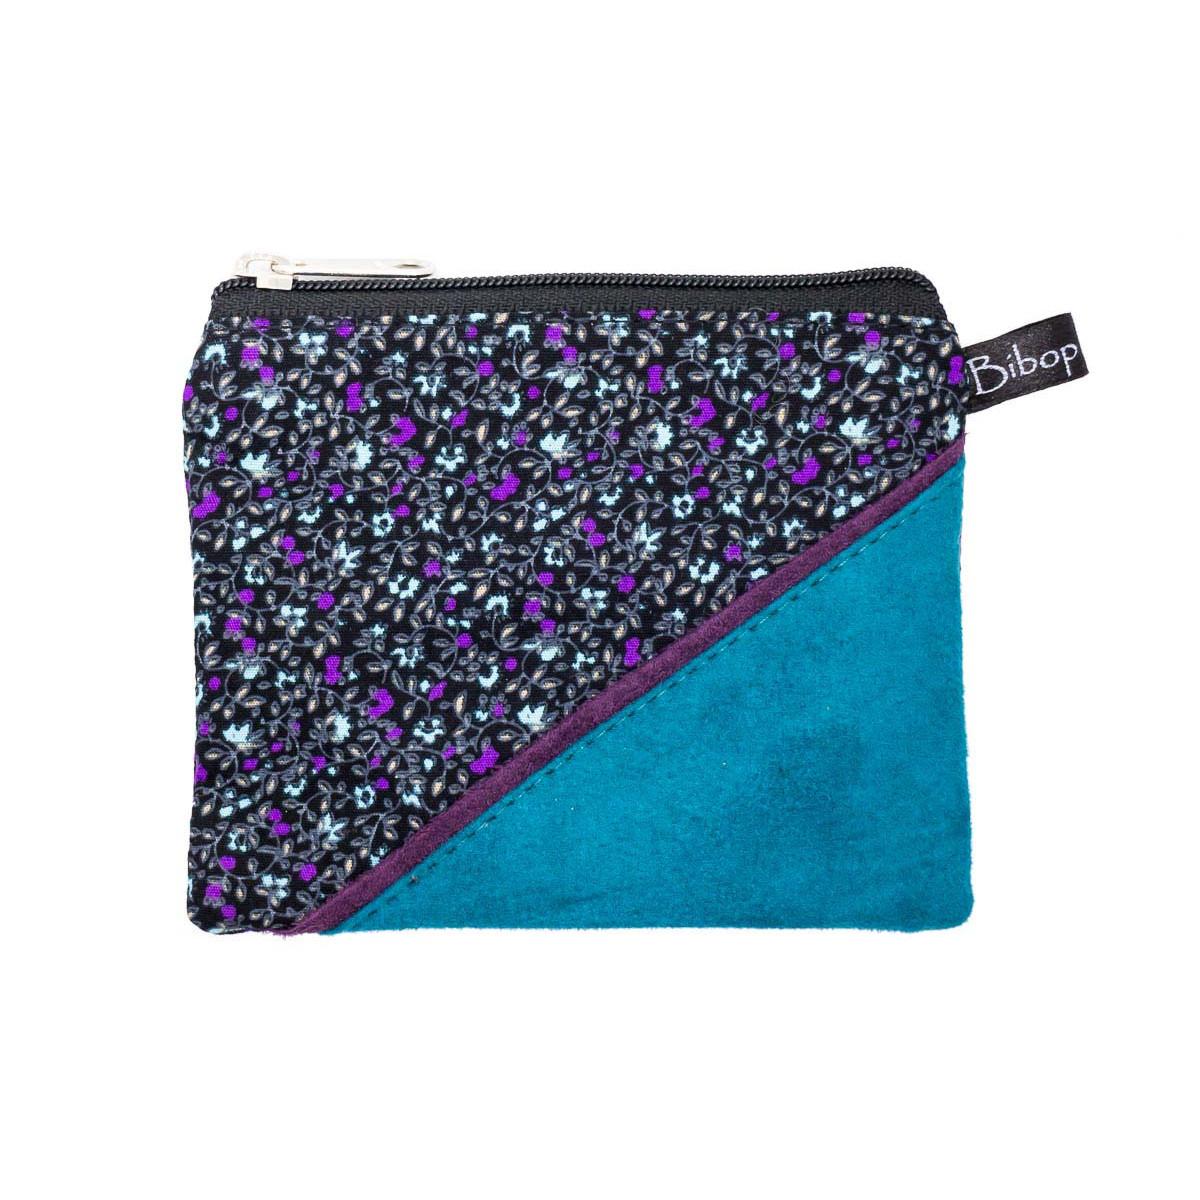 Petit porte-monnaie zippé bleu canard et fleurs violet